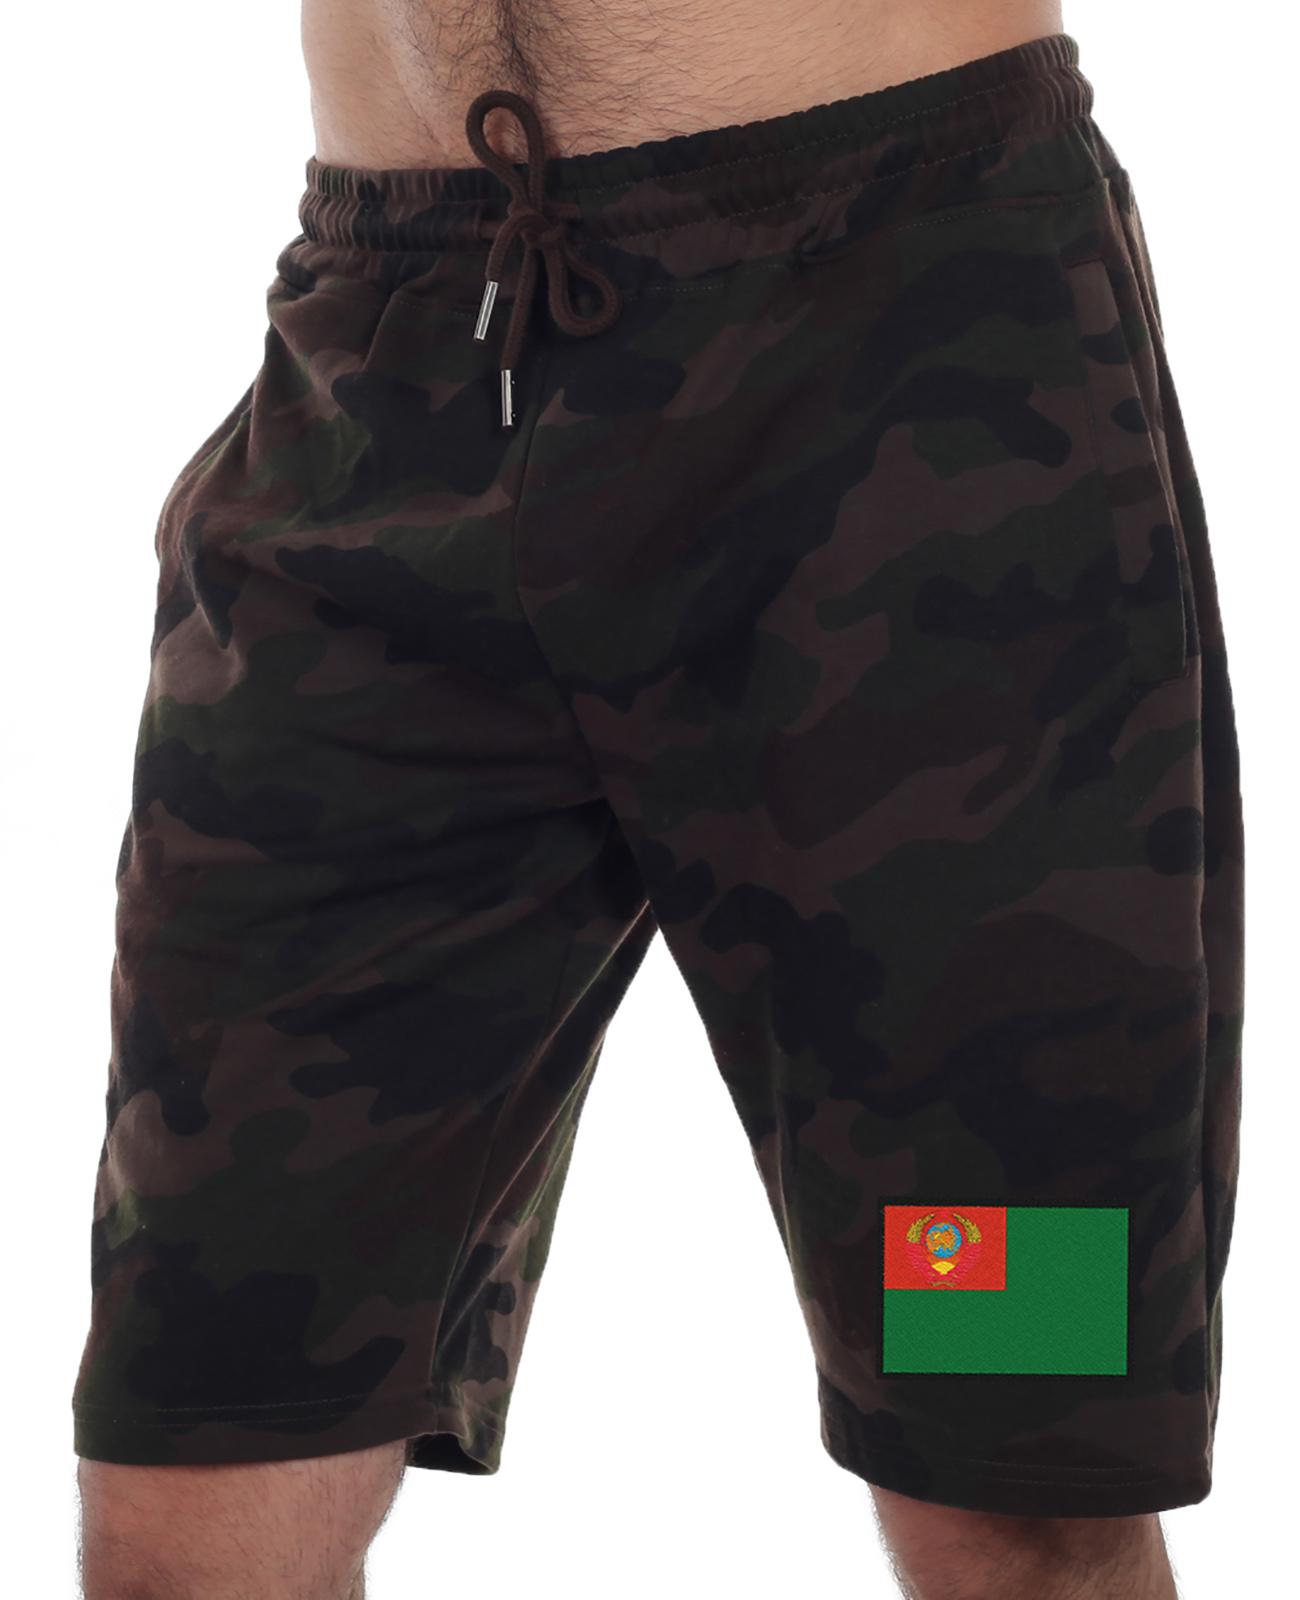 Мужские шорты по низким ценам